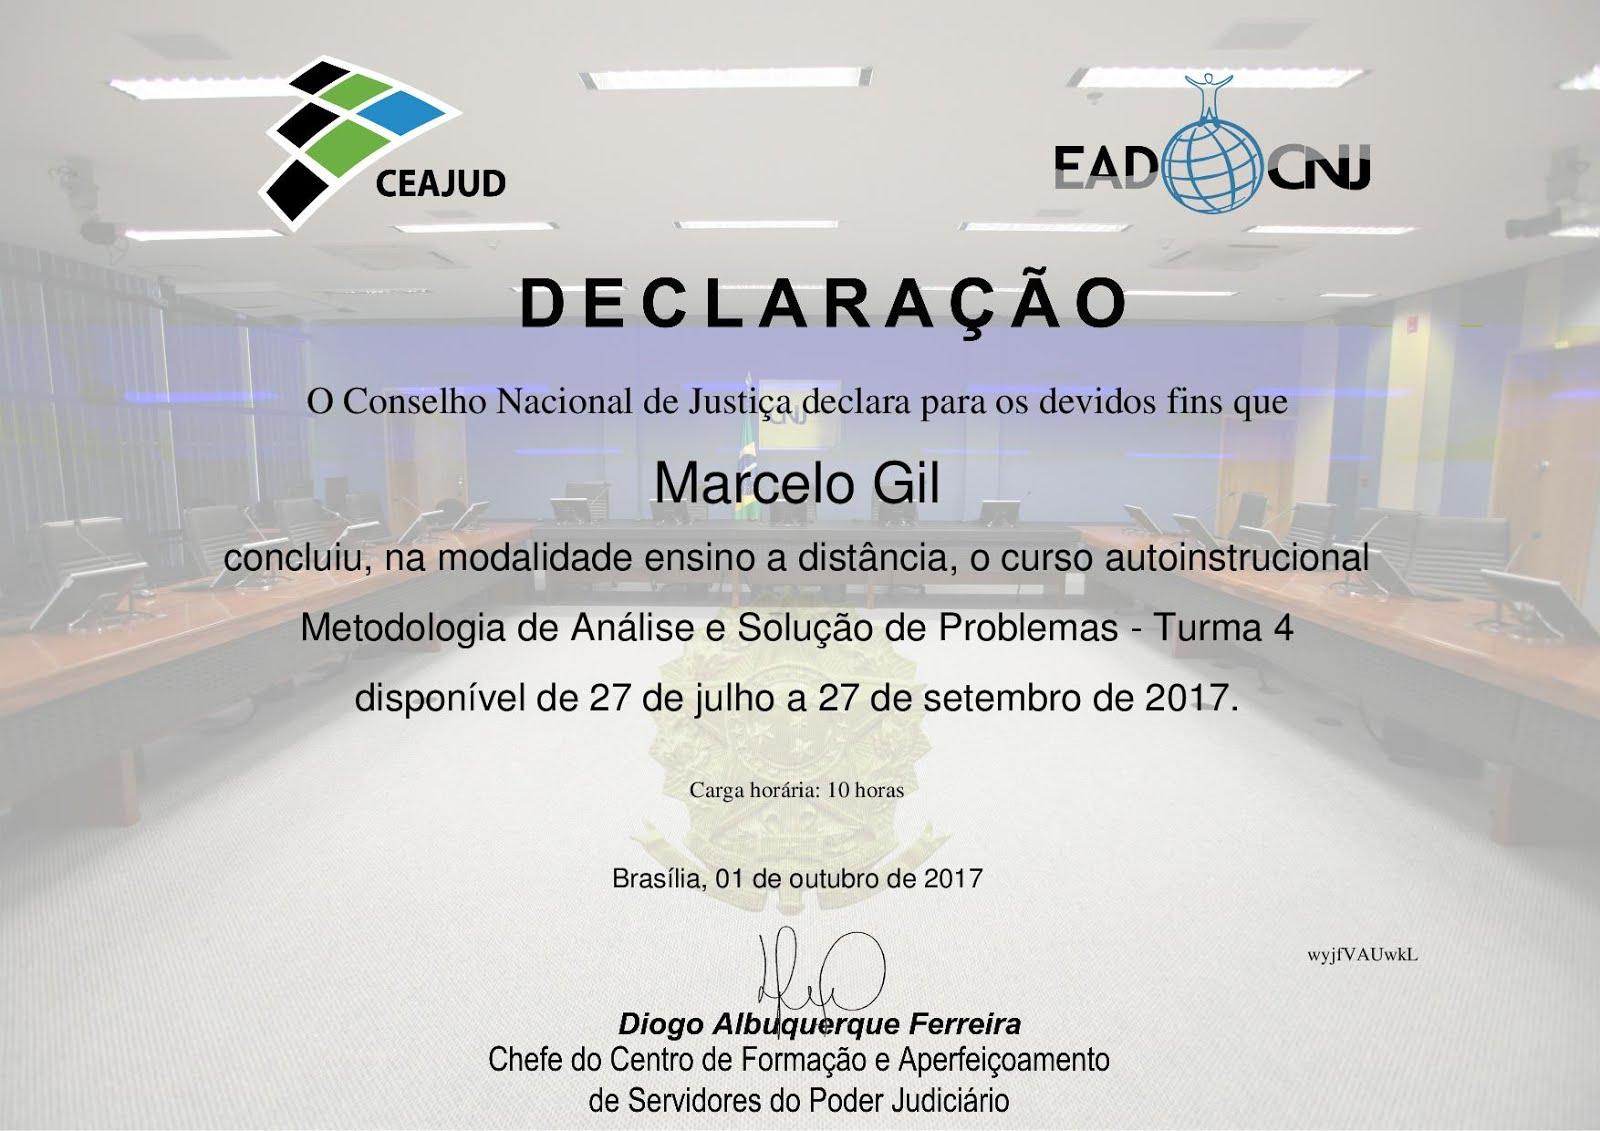 DECLARAÇÃO DO CONSELHO NACIONAL DE JUSTIÇA CONCEDIDO À MARCELO GIL / 2017